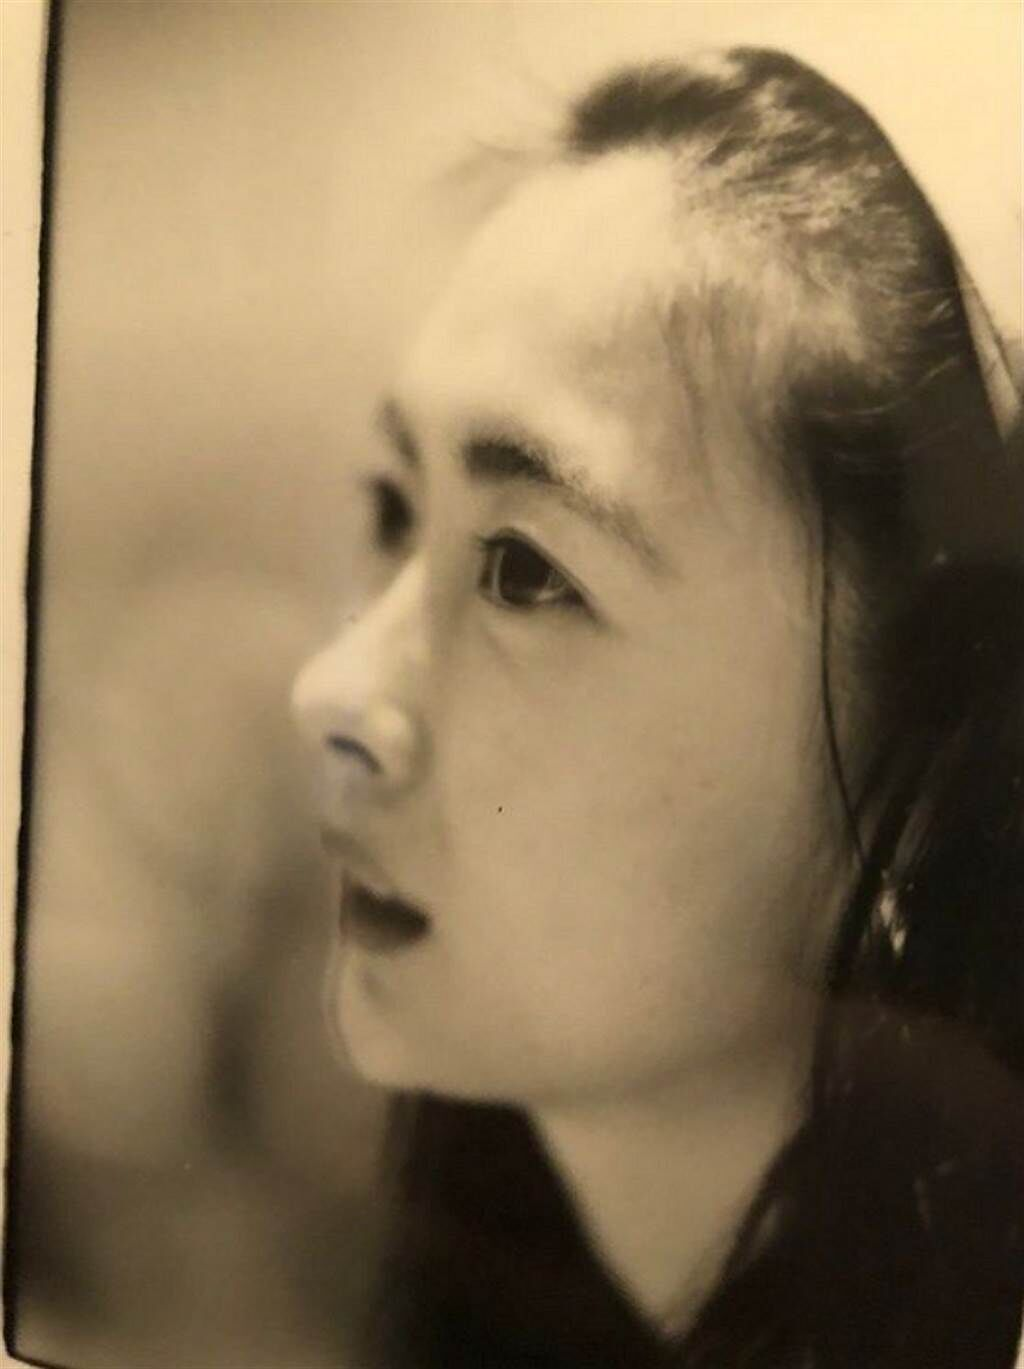 日前中山美穗突然分享一張泛黃的陳年舊照,看著少女感十足的模樣,讓她無奈感嘆「回不去了」。(圖/ 摘自中山美穗IG)